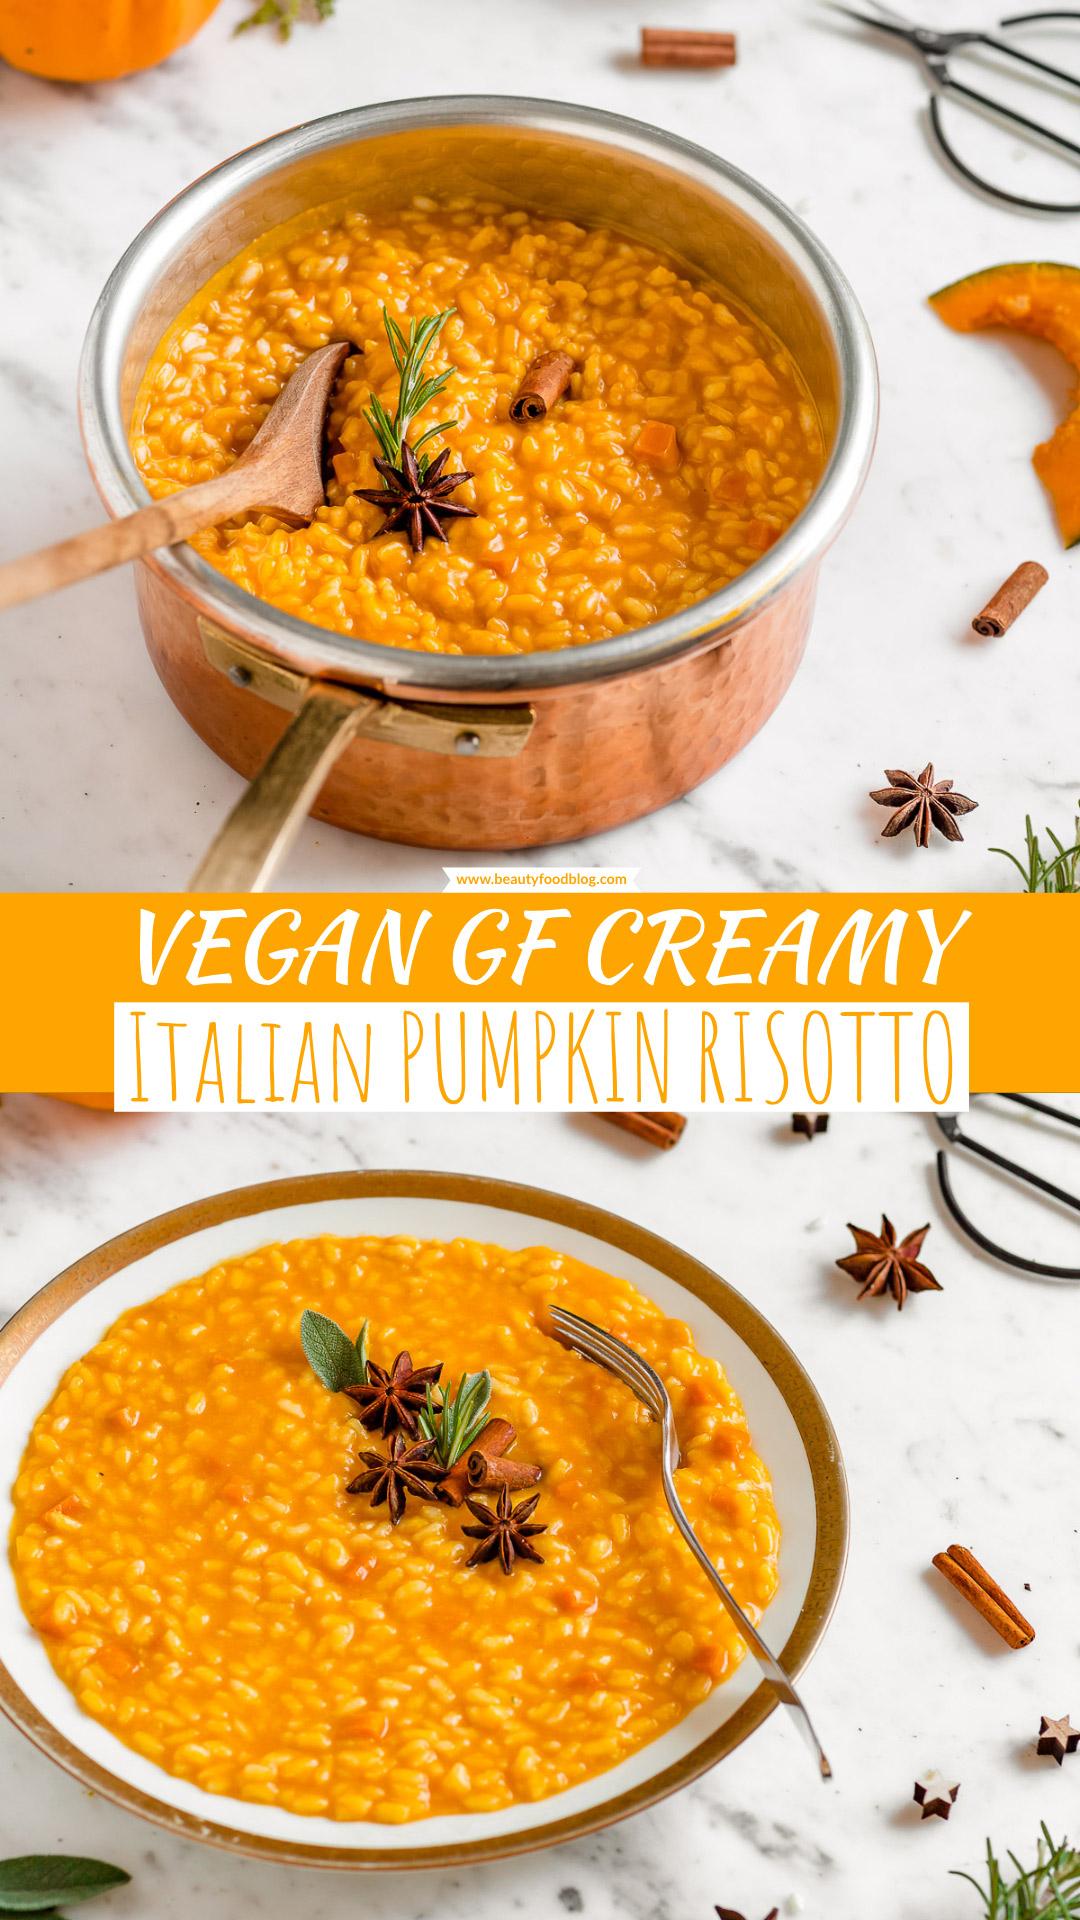 Ricetta RISOTTO alla ZUCCA VEGAN senza burro senza glutine cremoso light | Italian Creamy VEGAN PUMPKIN RISOTTO Recipe gluten-free #healthy #vegan #risotto #pumpkin | www.beautyfoodblog.com